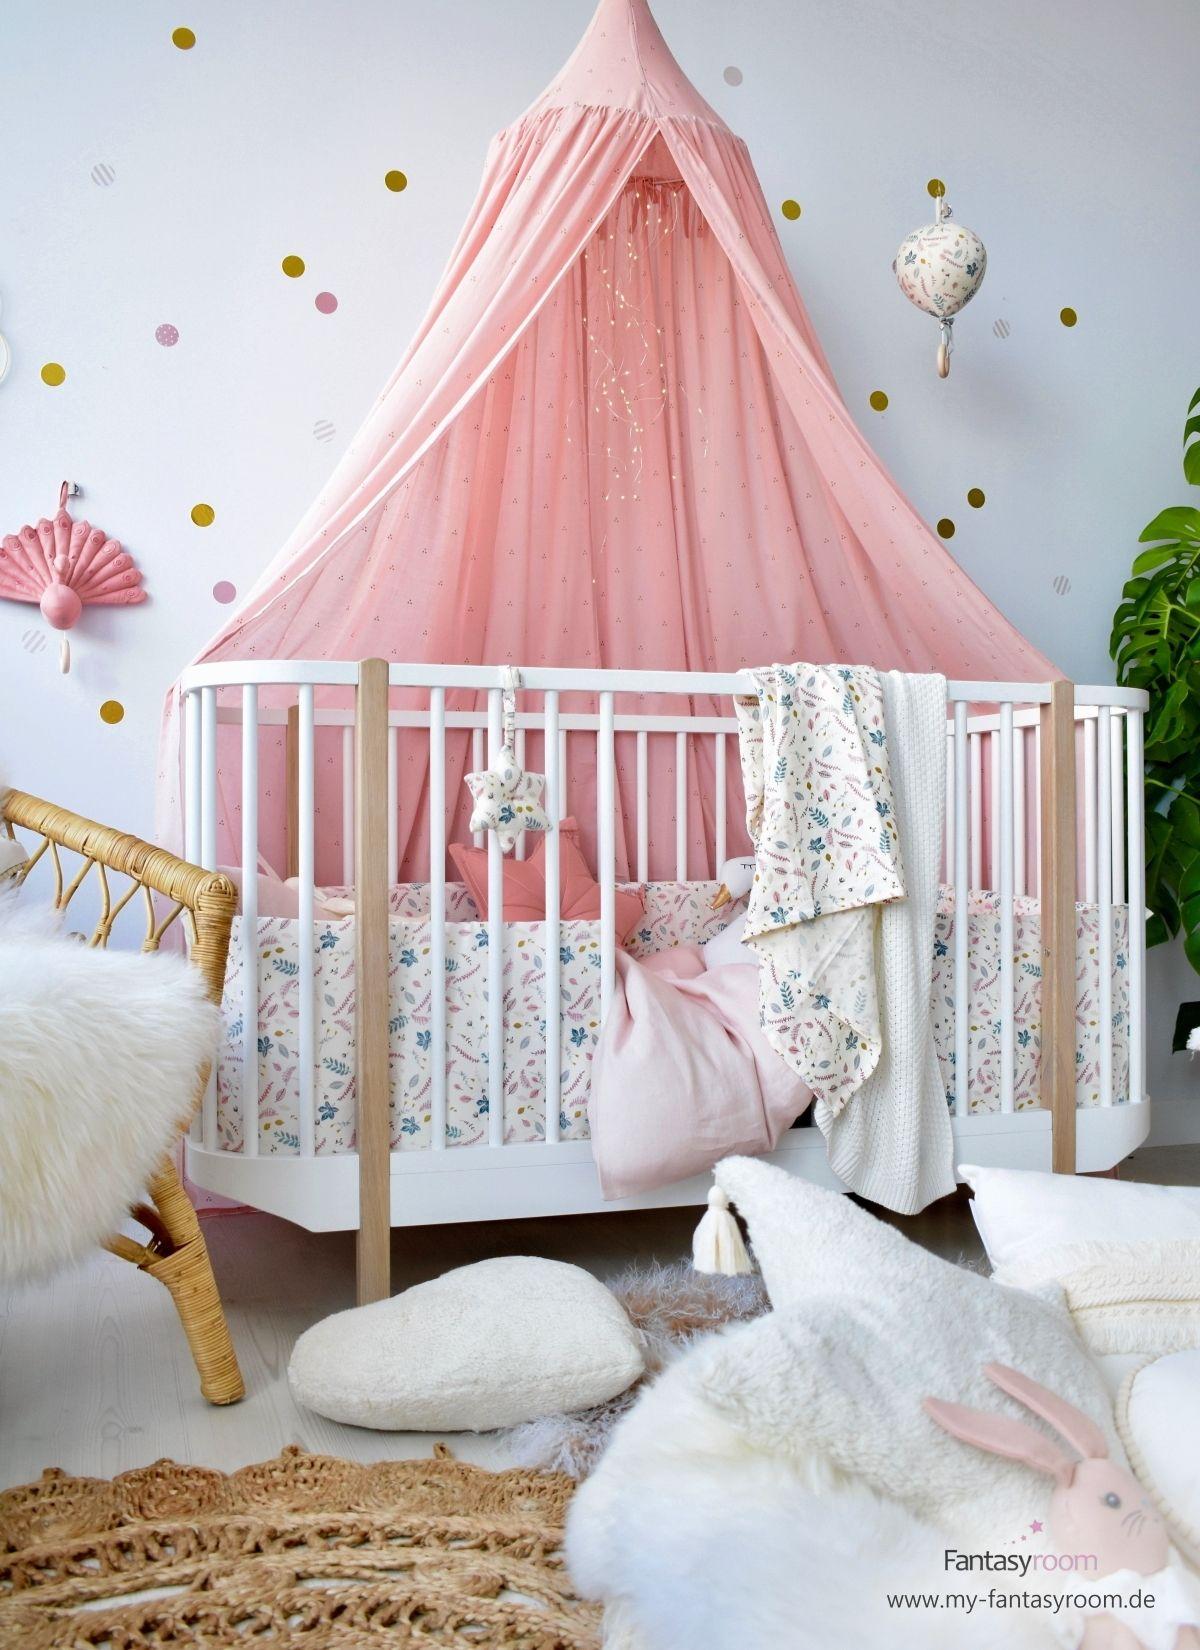 Madchen Babyzimmer In Altrosa Creme Bei Fantasyroom Online Kaufen Kleinkind Madchen Zimmer Kinderzimmer Fur Madchen Baby Zimmer Grau